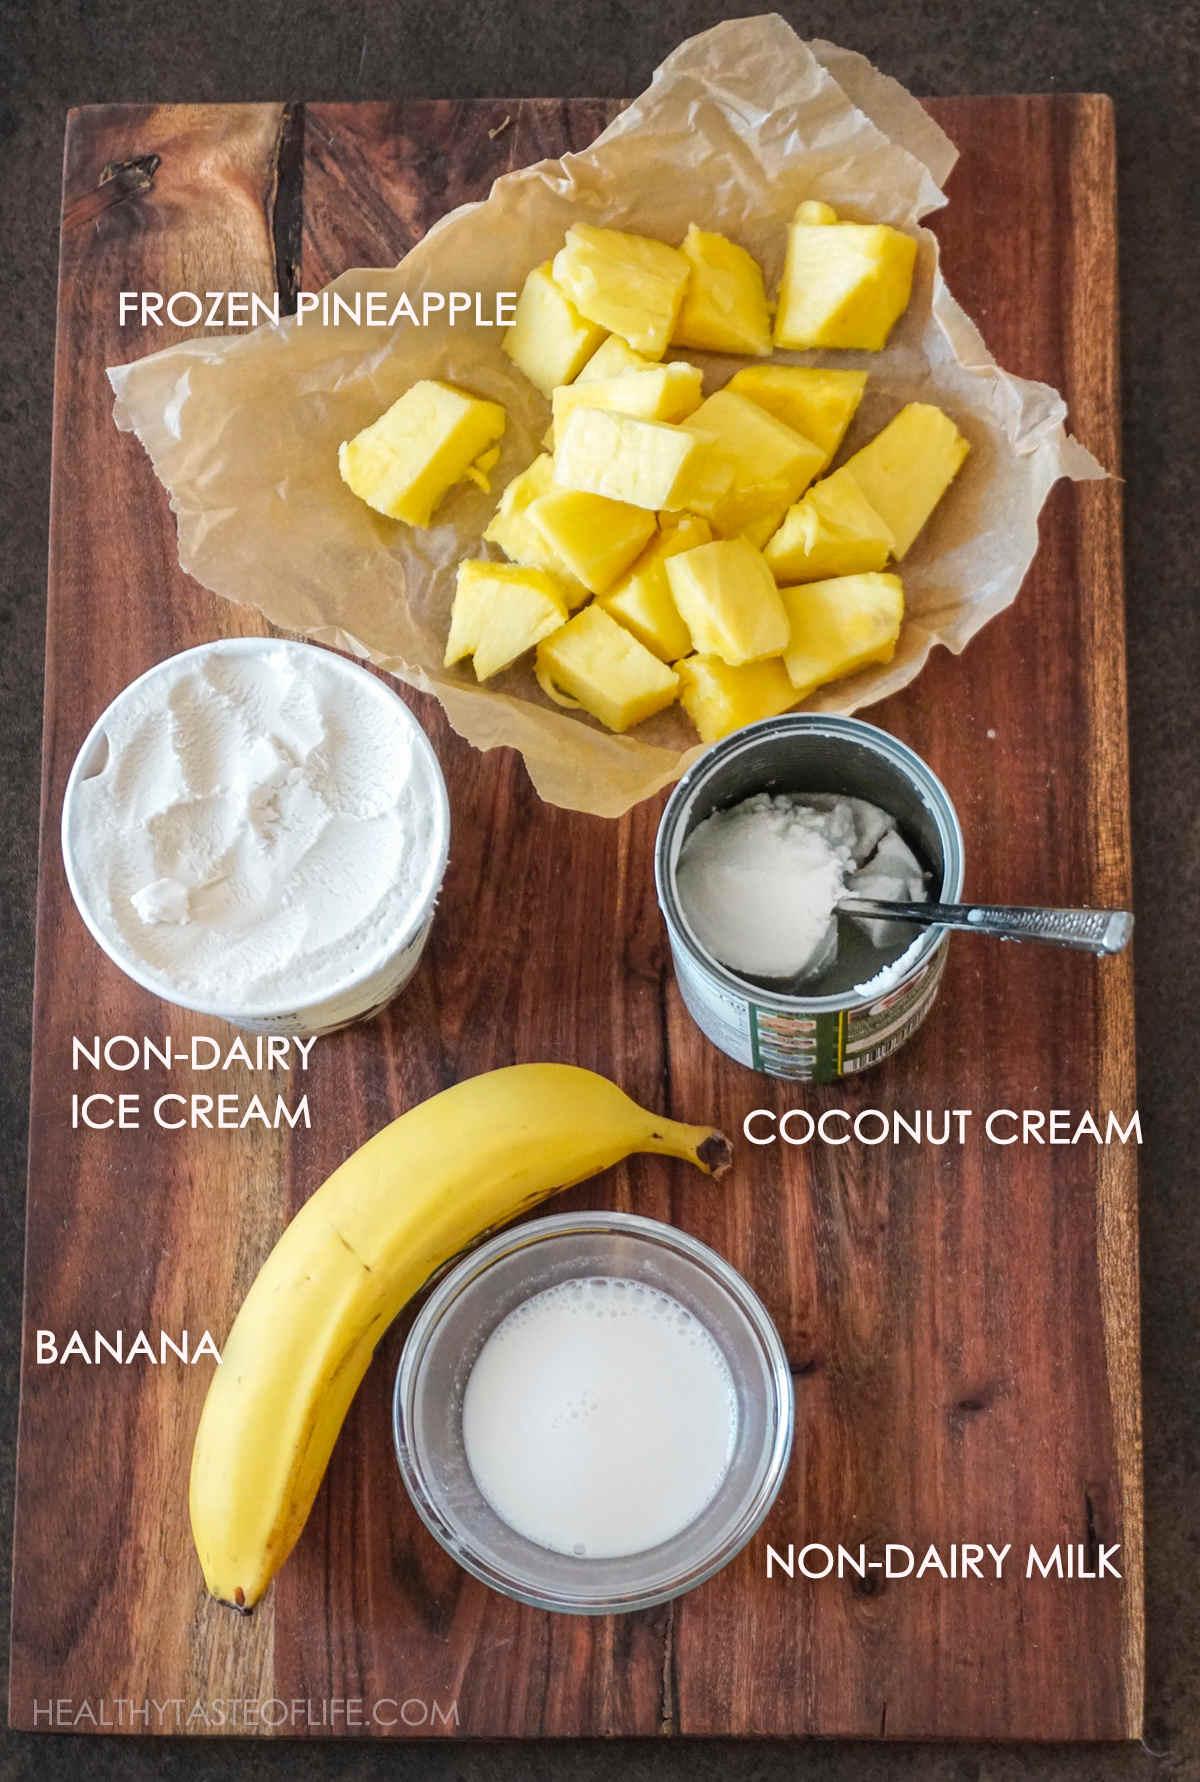 Ingredients for vegan pineapple milkshake displayed on a board.